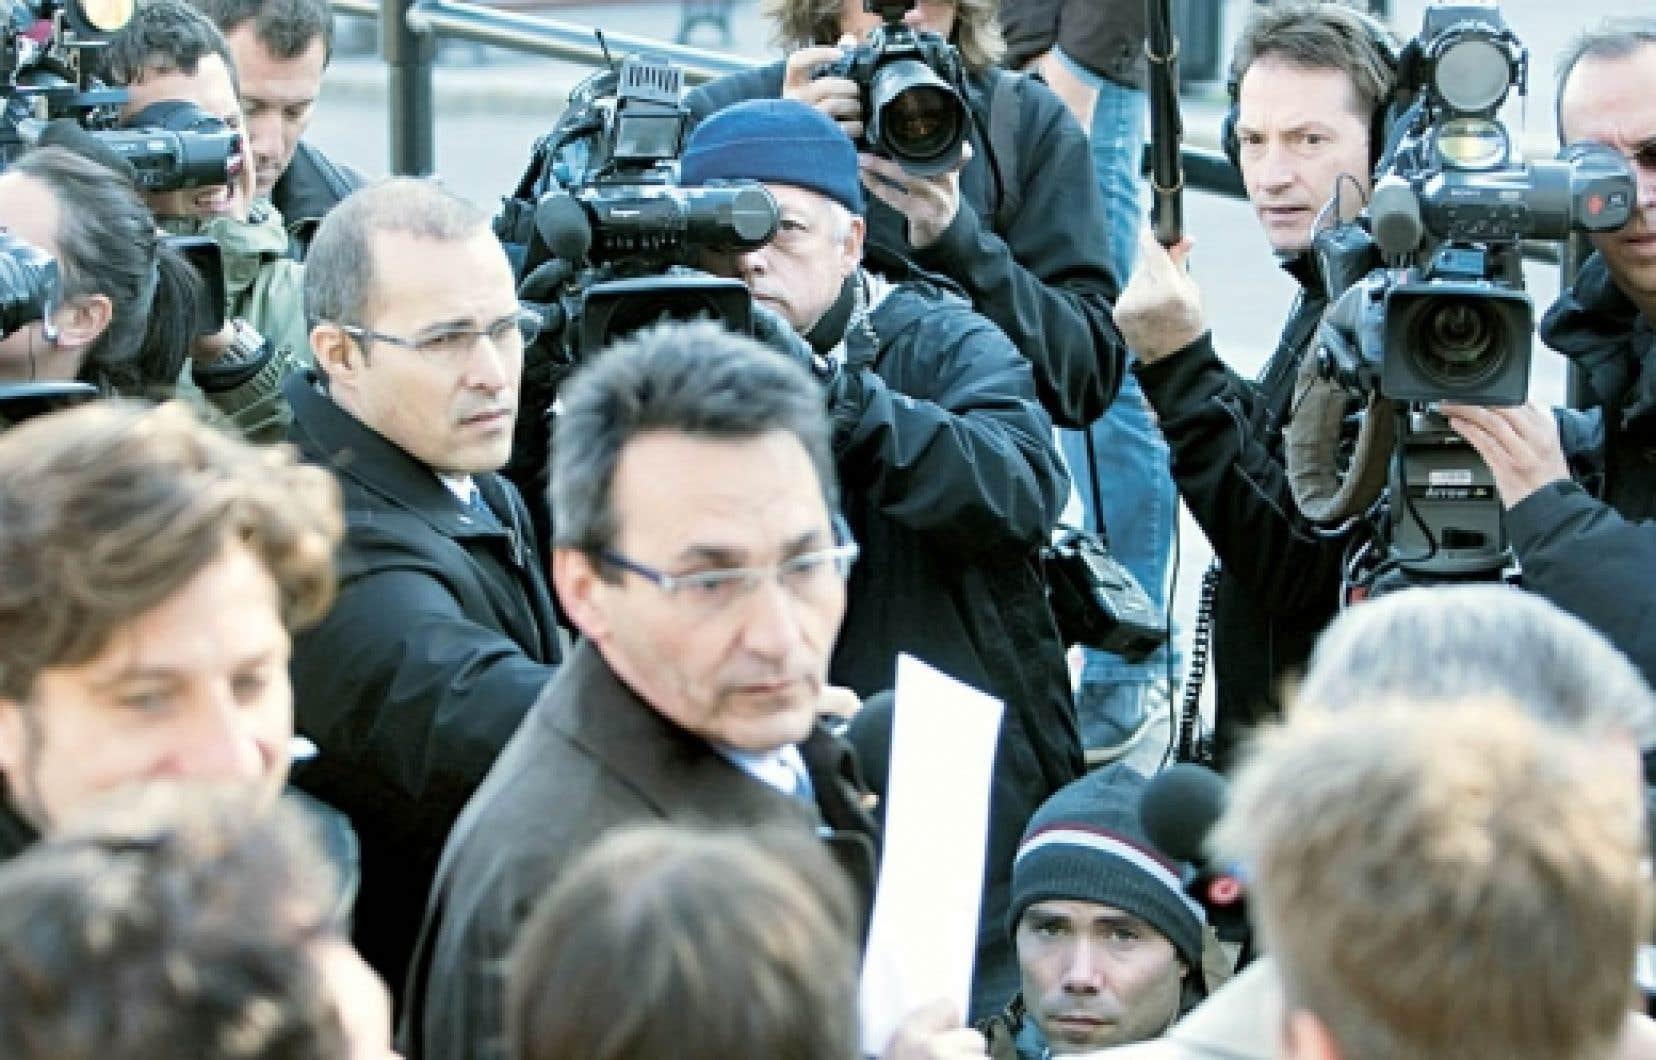 Les élections municipales à Montréal ont suscité une attention médiatique inhabituelle